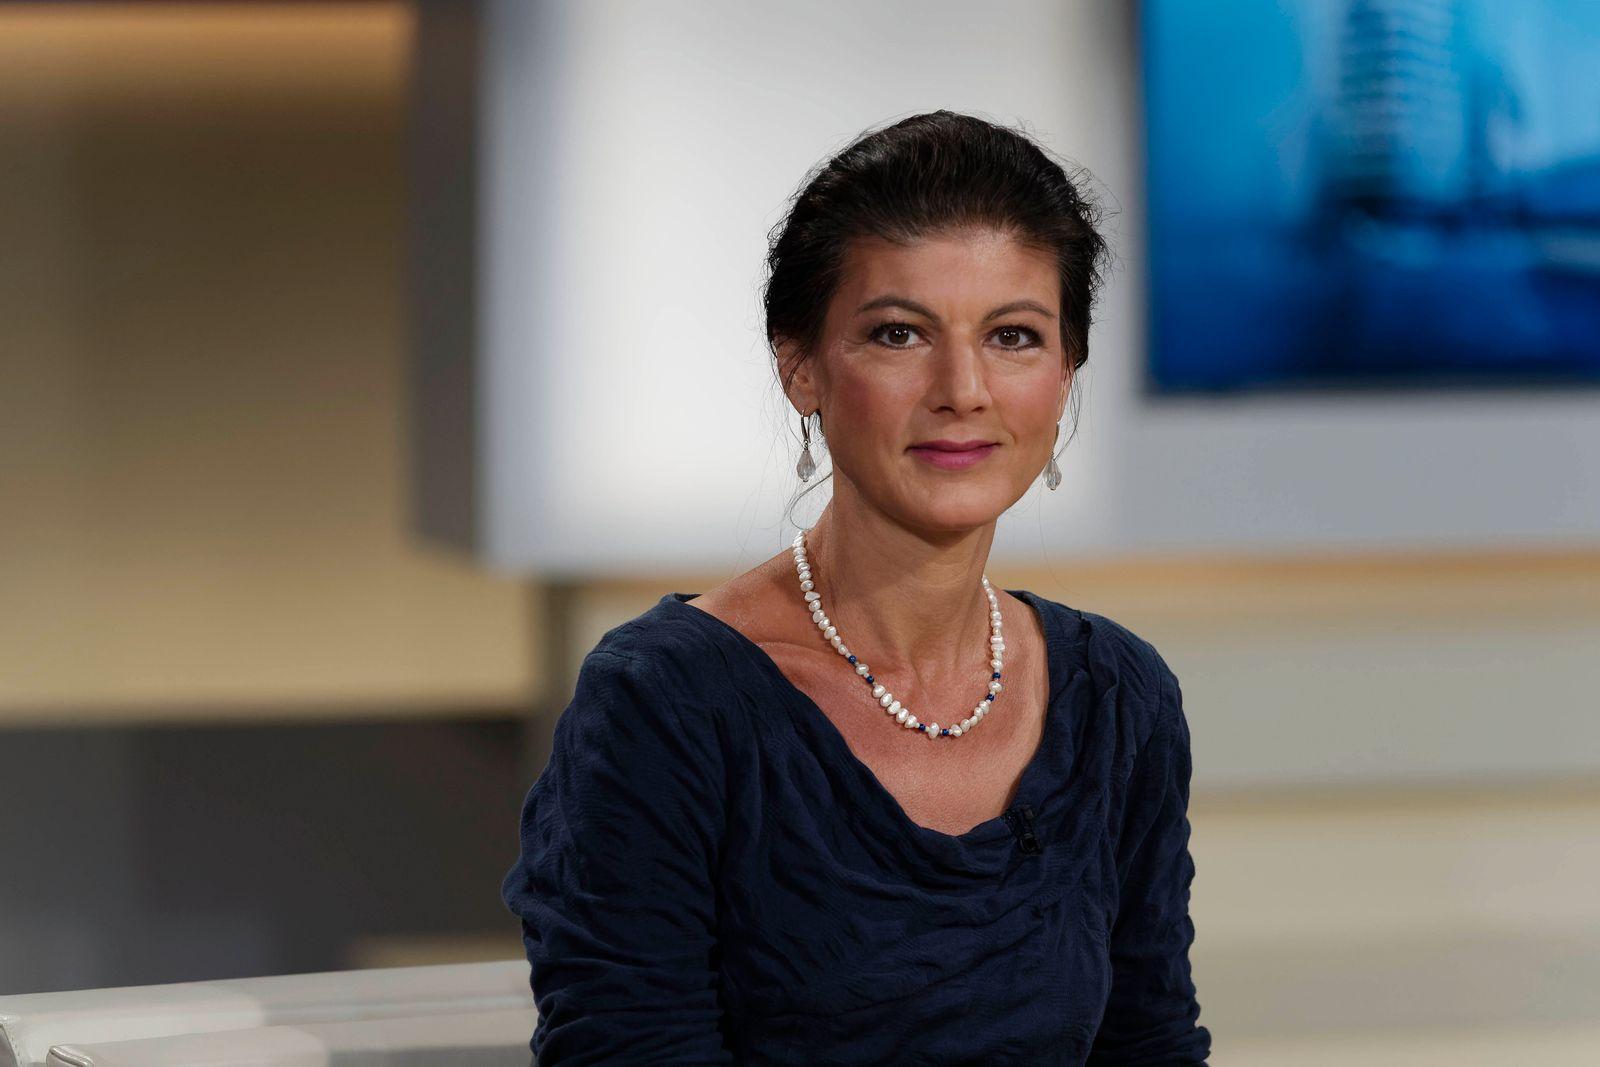 Wagenknecht Sahra Wagenknecht